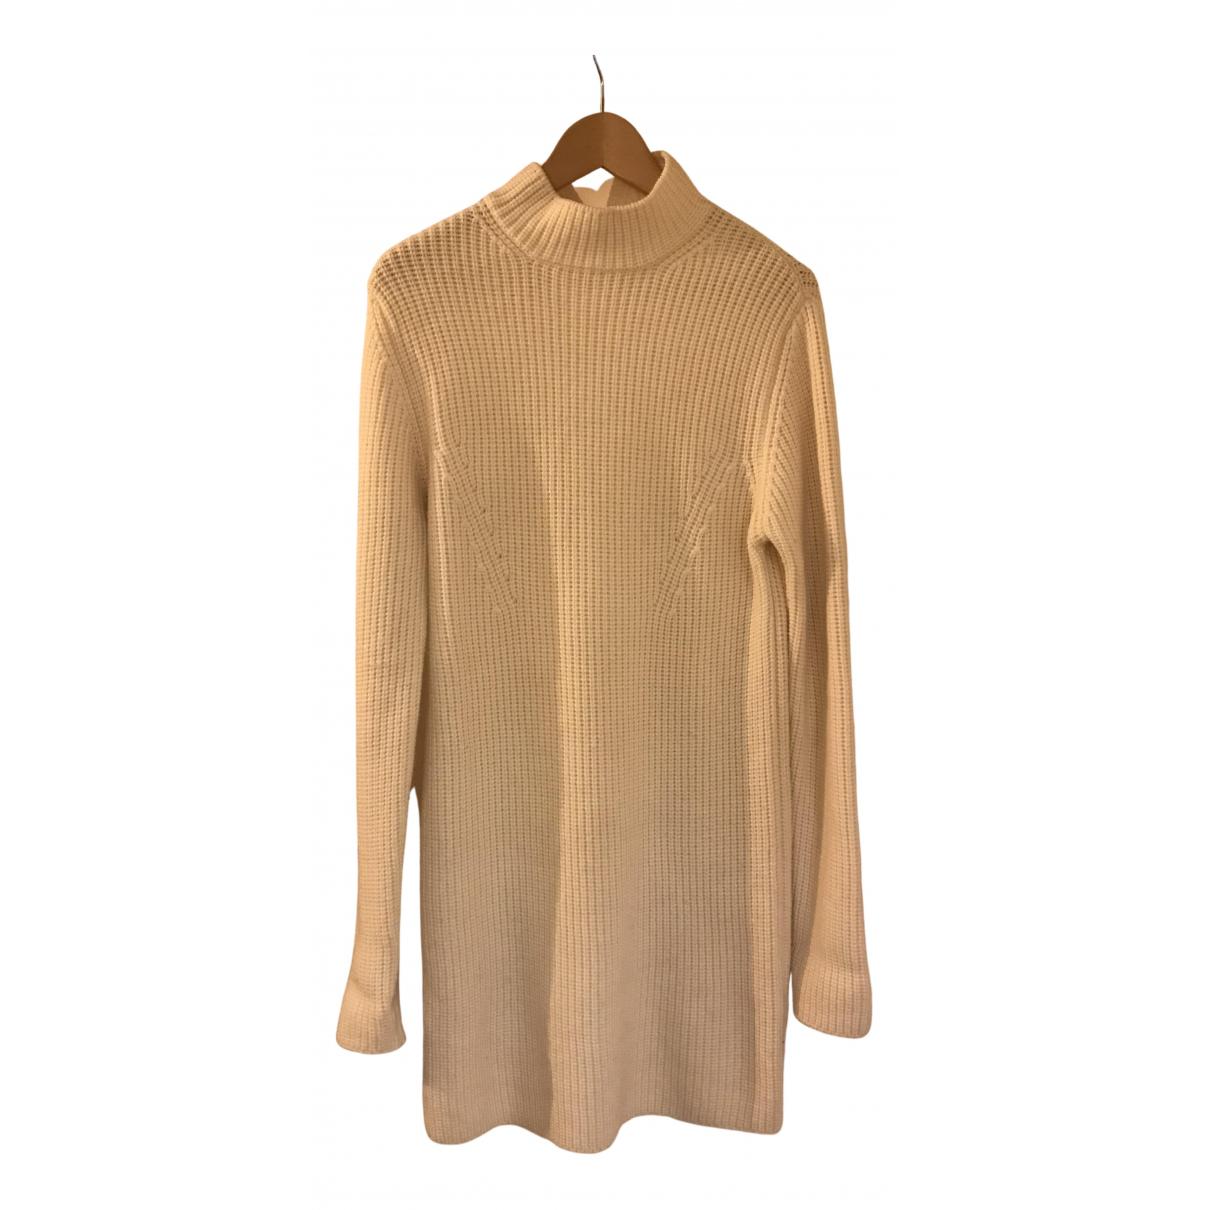 Carven \N Kleid in  Ecru Wolle